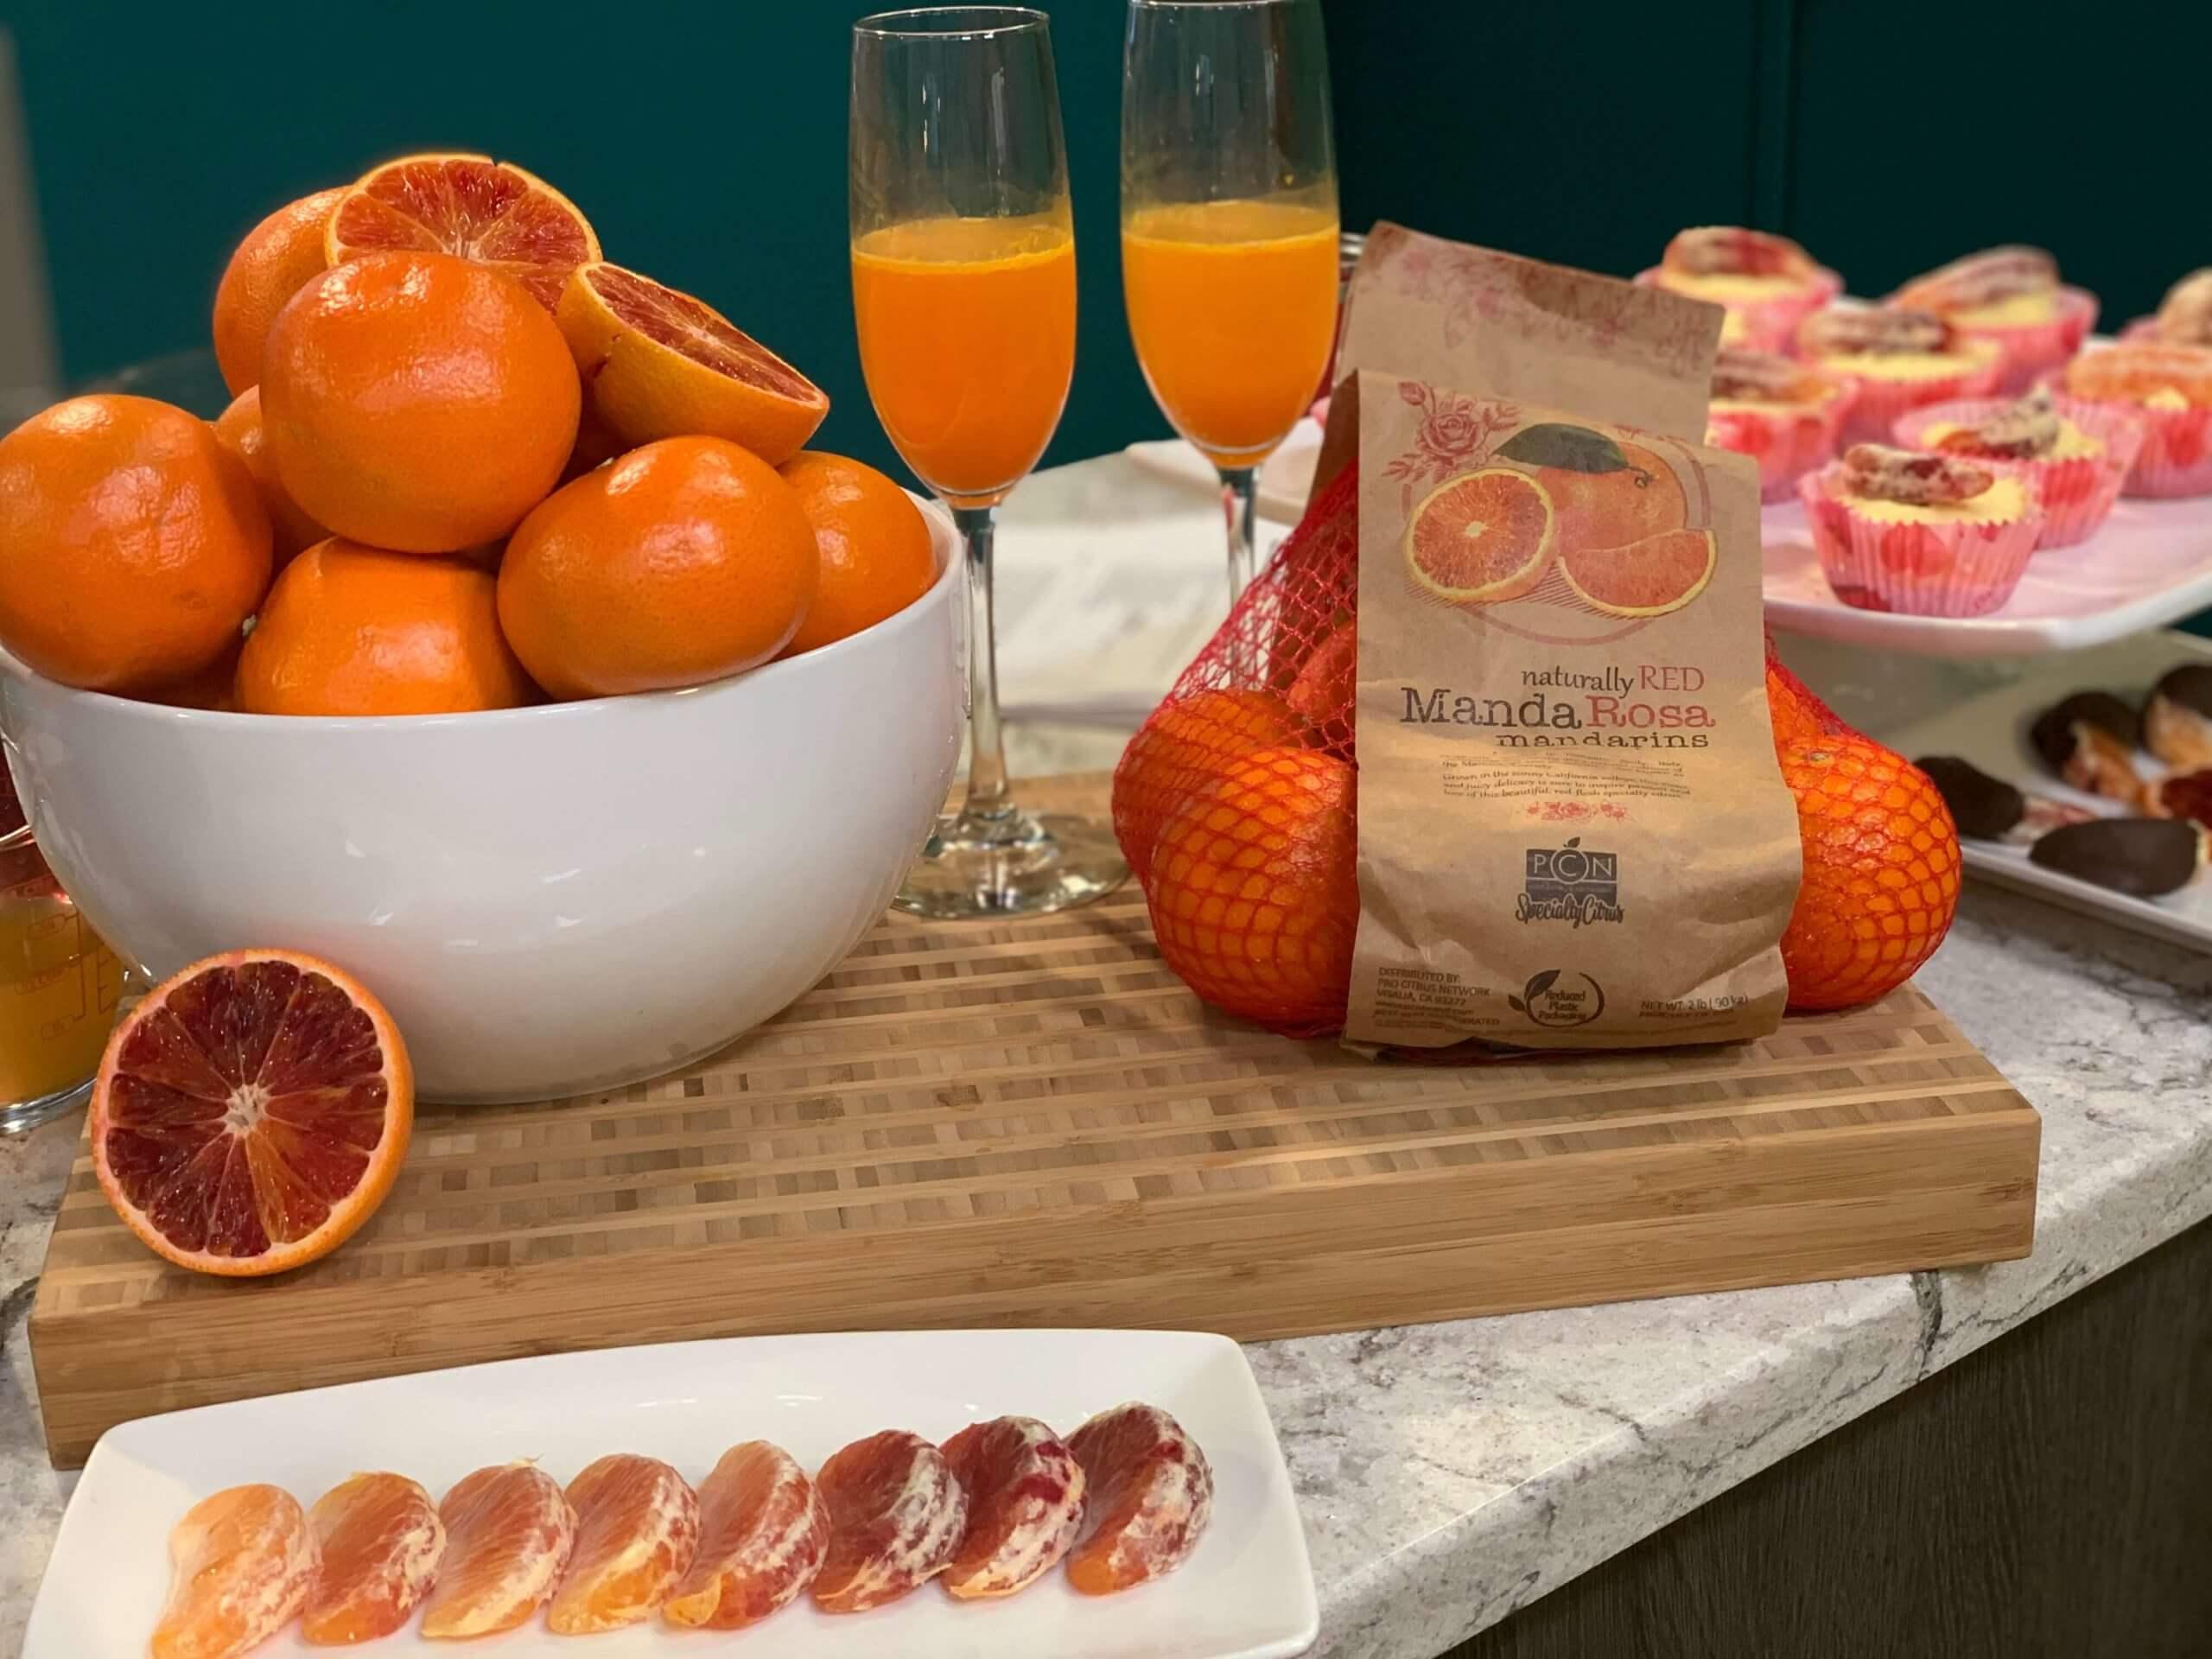 Valentine's Day Recipes: MandaRosa Mimosa